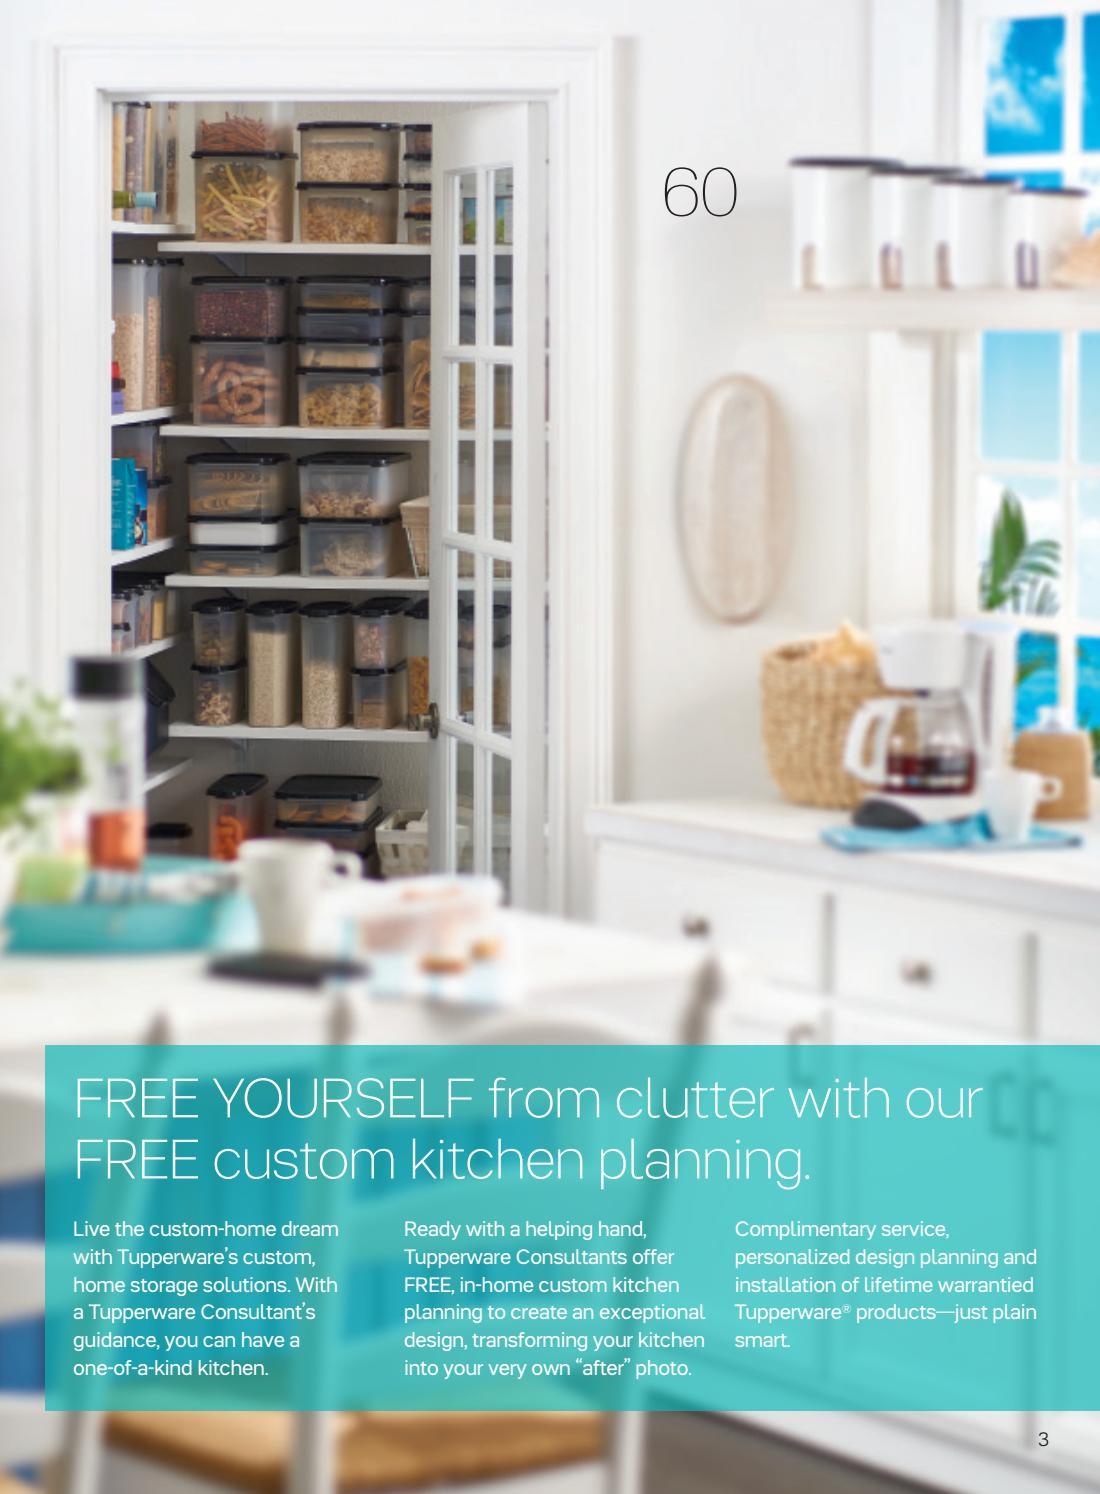 kitchen smart tupperware » All Best kitchen Design | Kitchen Design